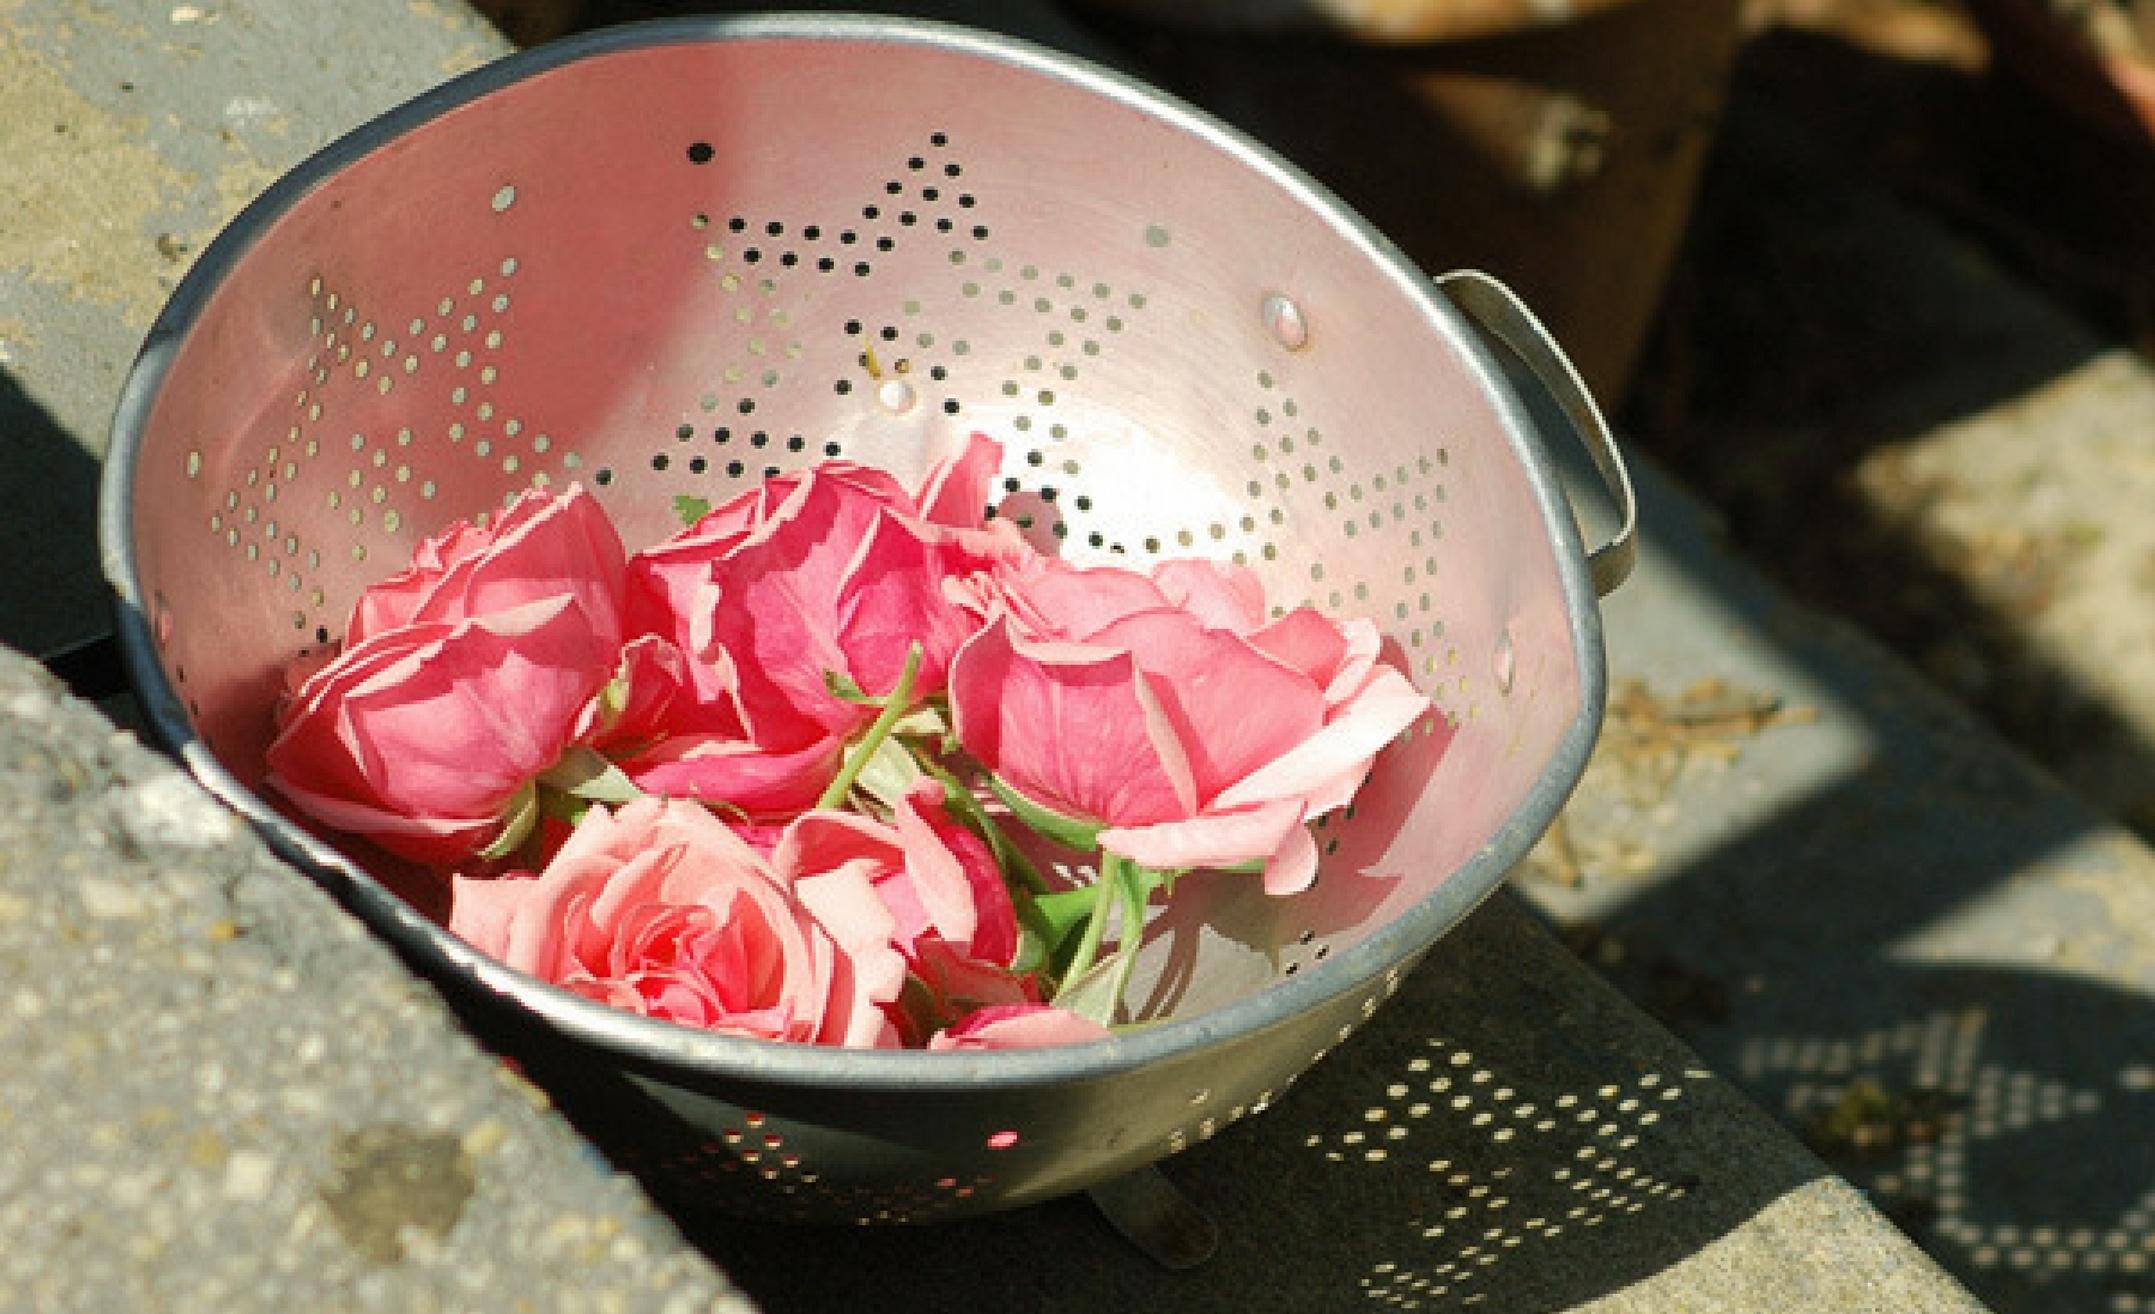 Dulceaţa de trandafiri. Reţeta tradiţională din patru ingrediente